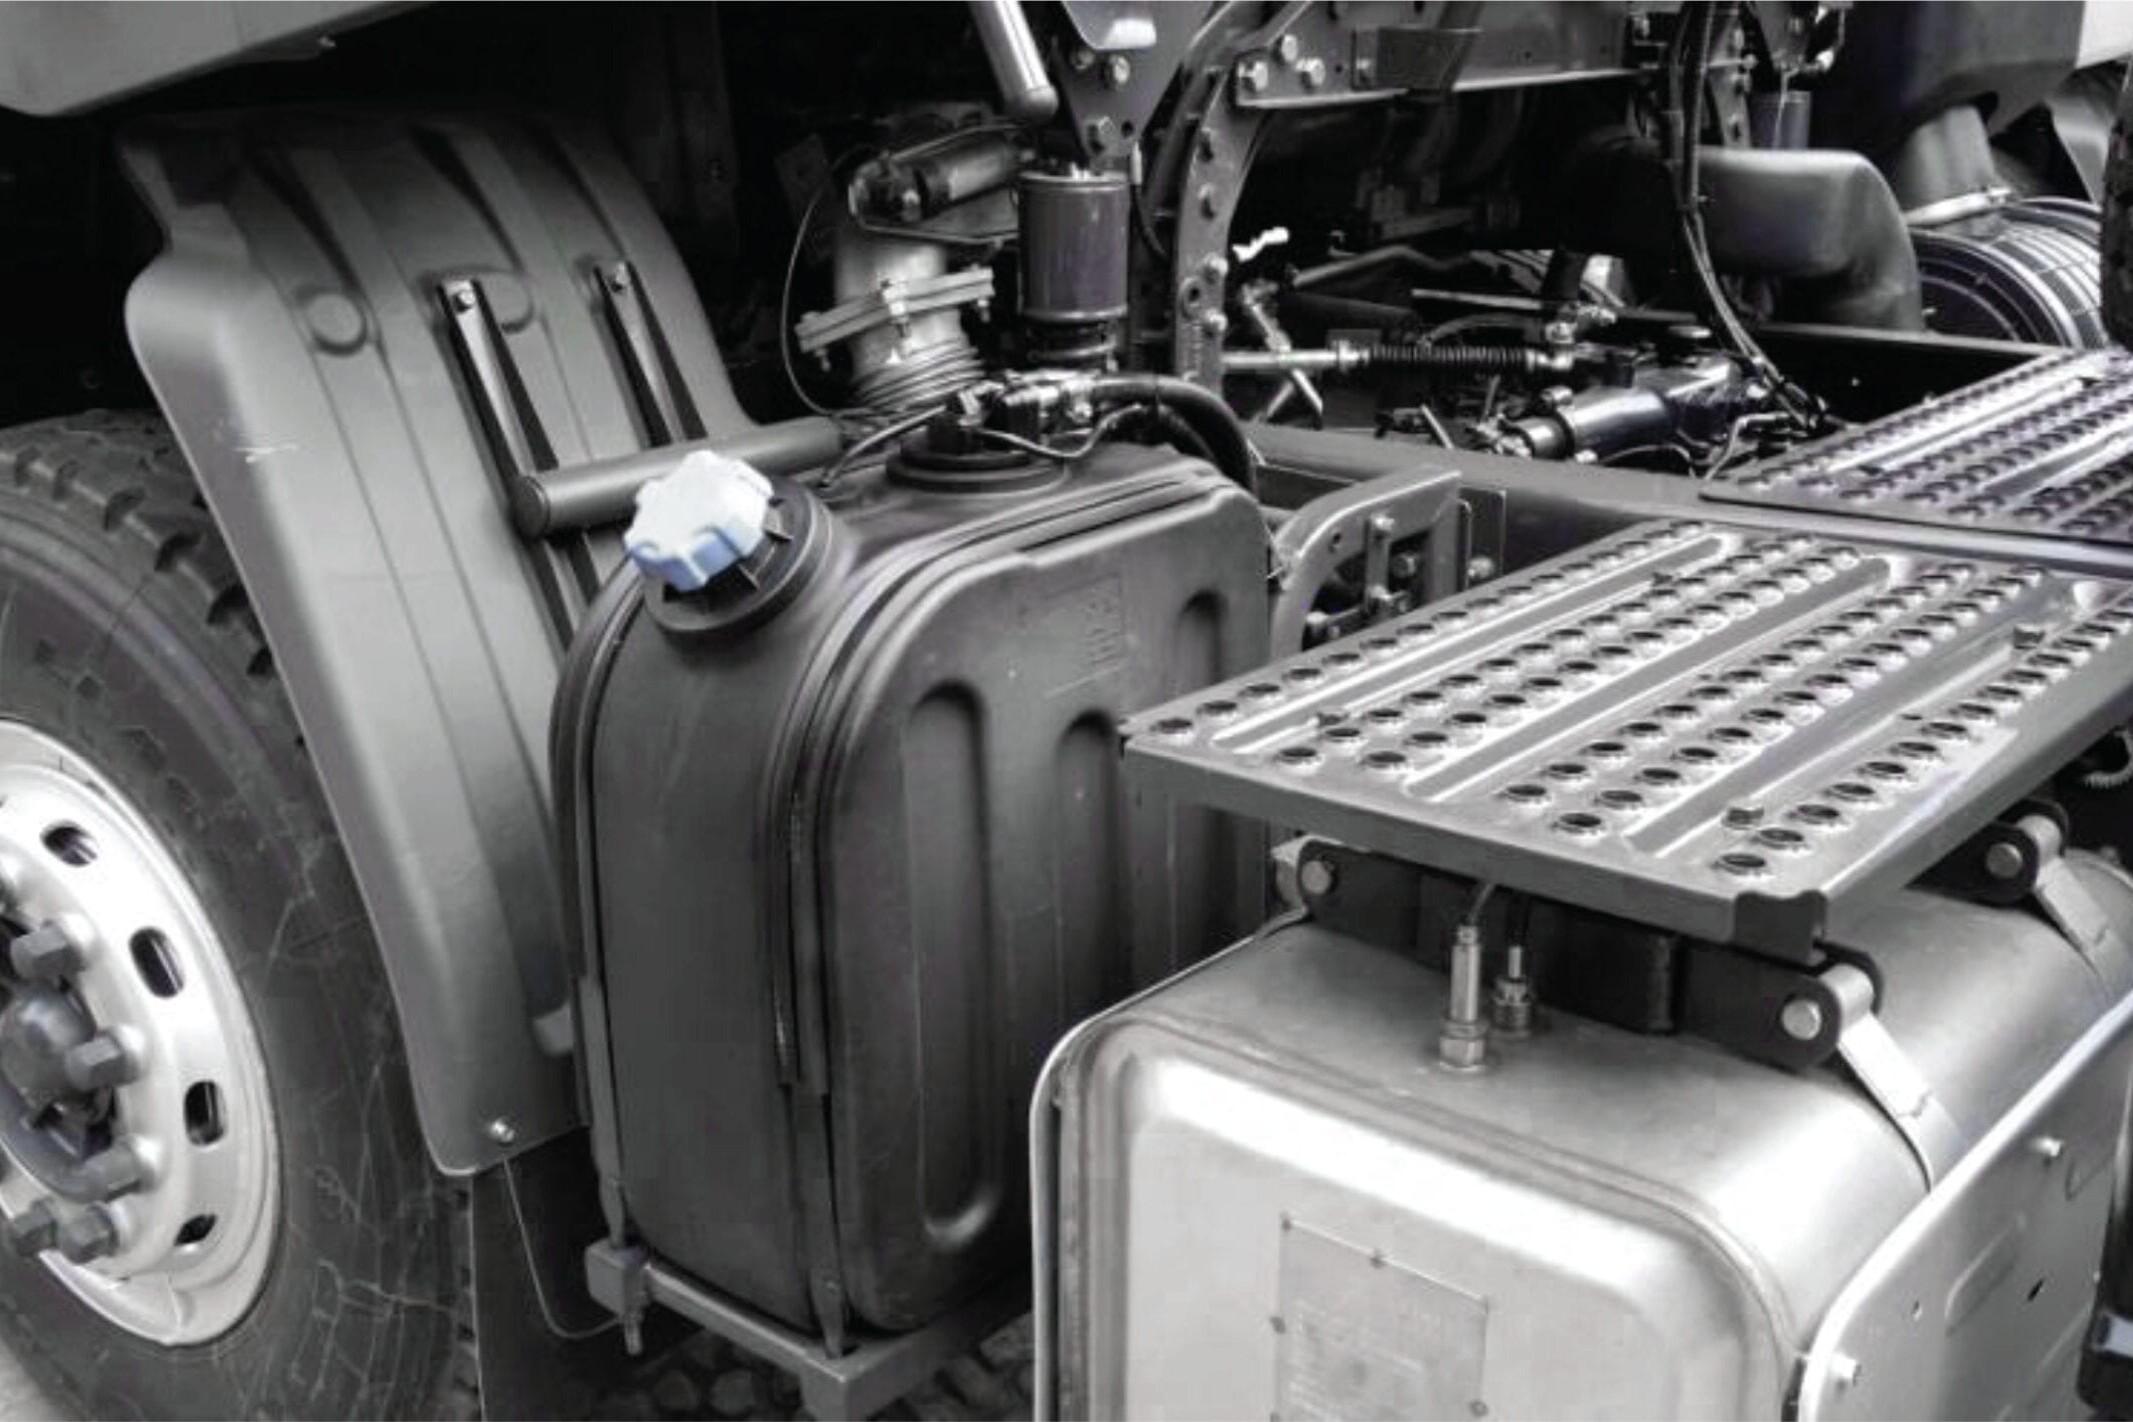 Diesel Exhaust Fluid